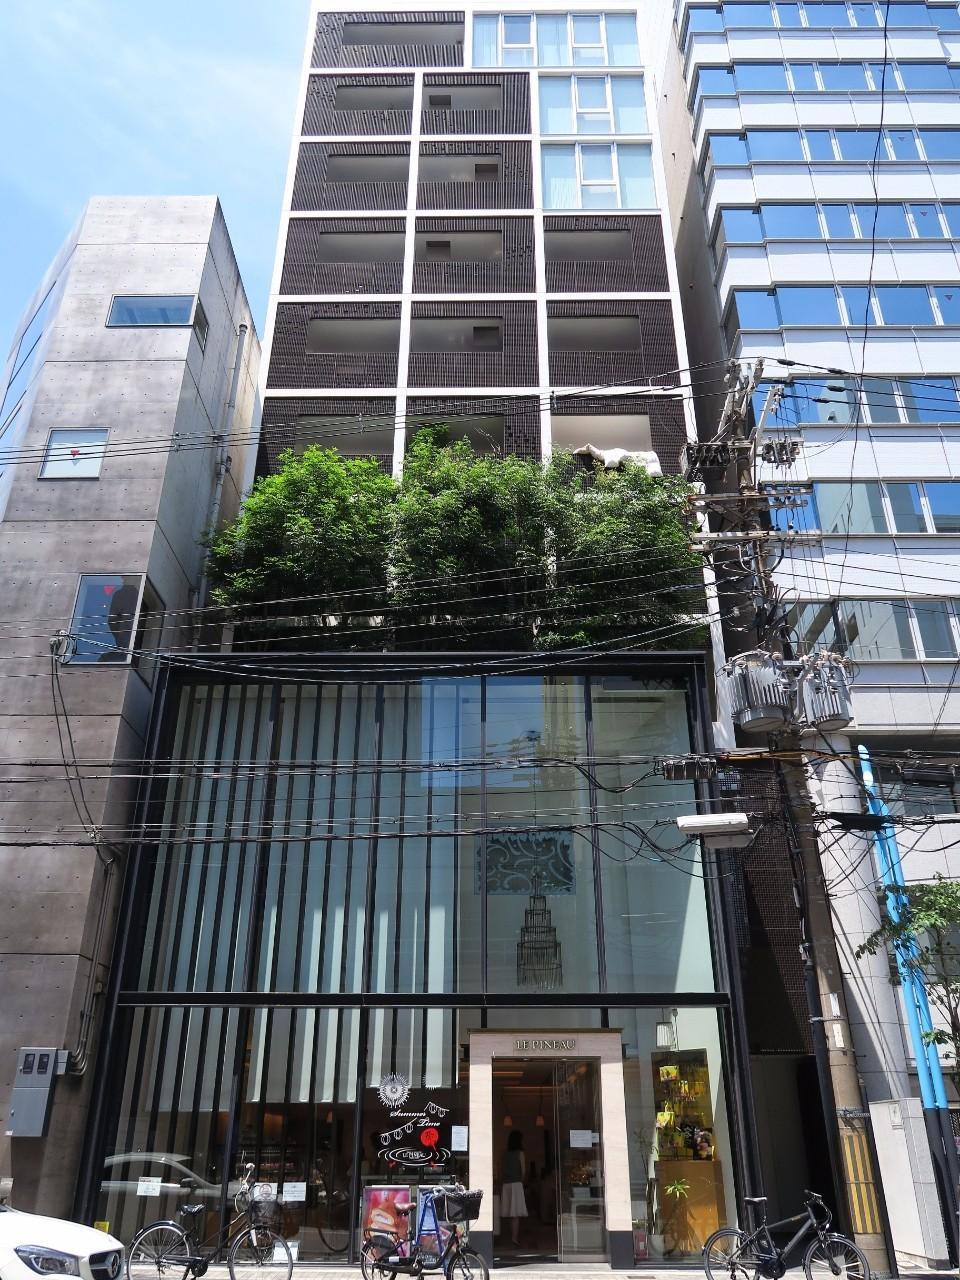 このお部屋に訪れたあなた、マンションを見上げて思うわけです。 あのお部屋だったらいいな、あのグリーンのあるお部屋。でも、あれだと3階くらいかもなあ。